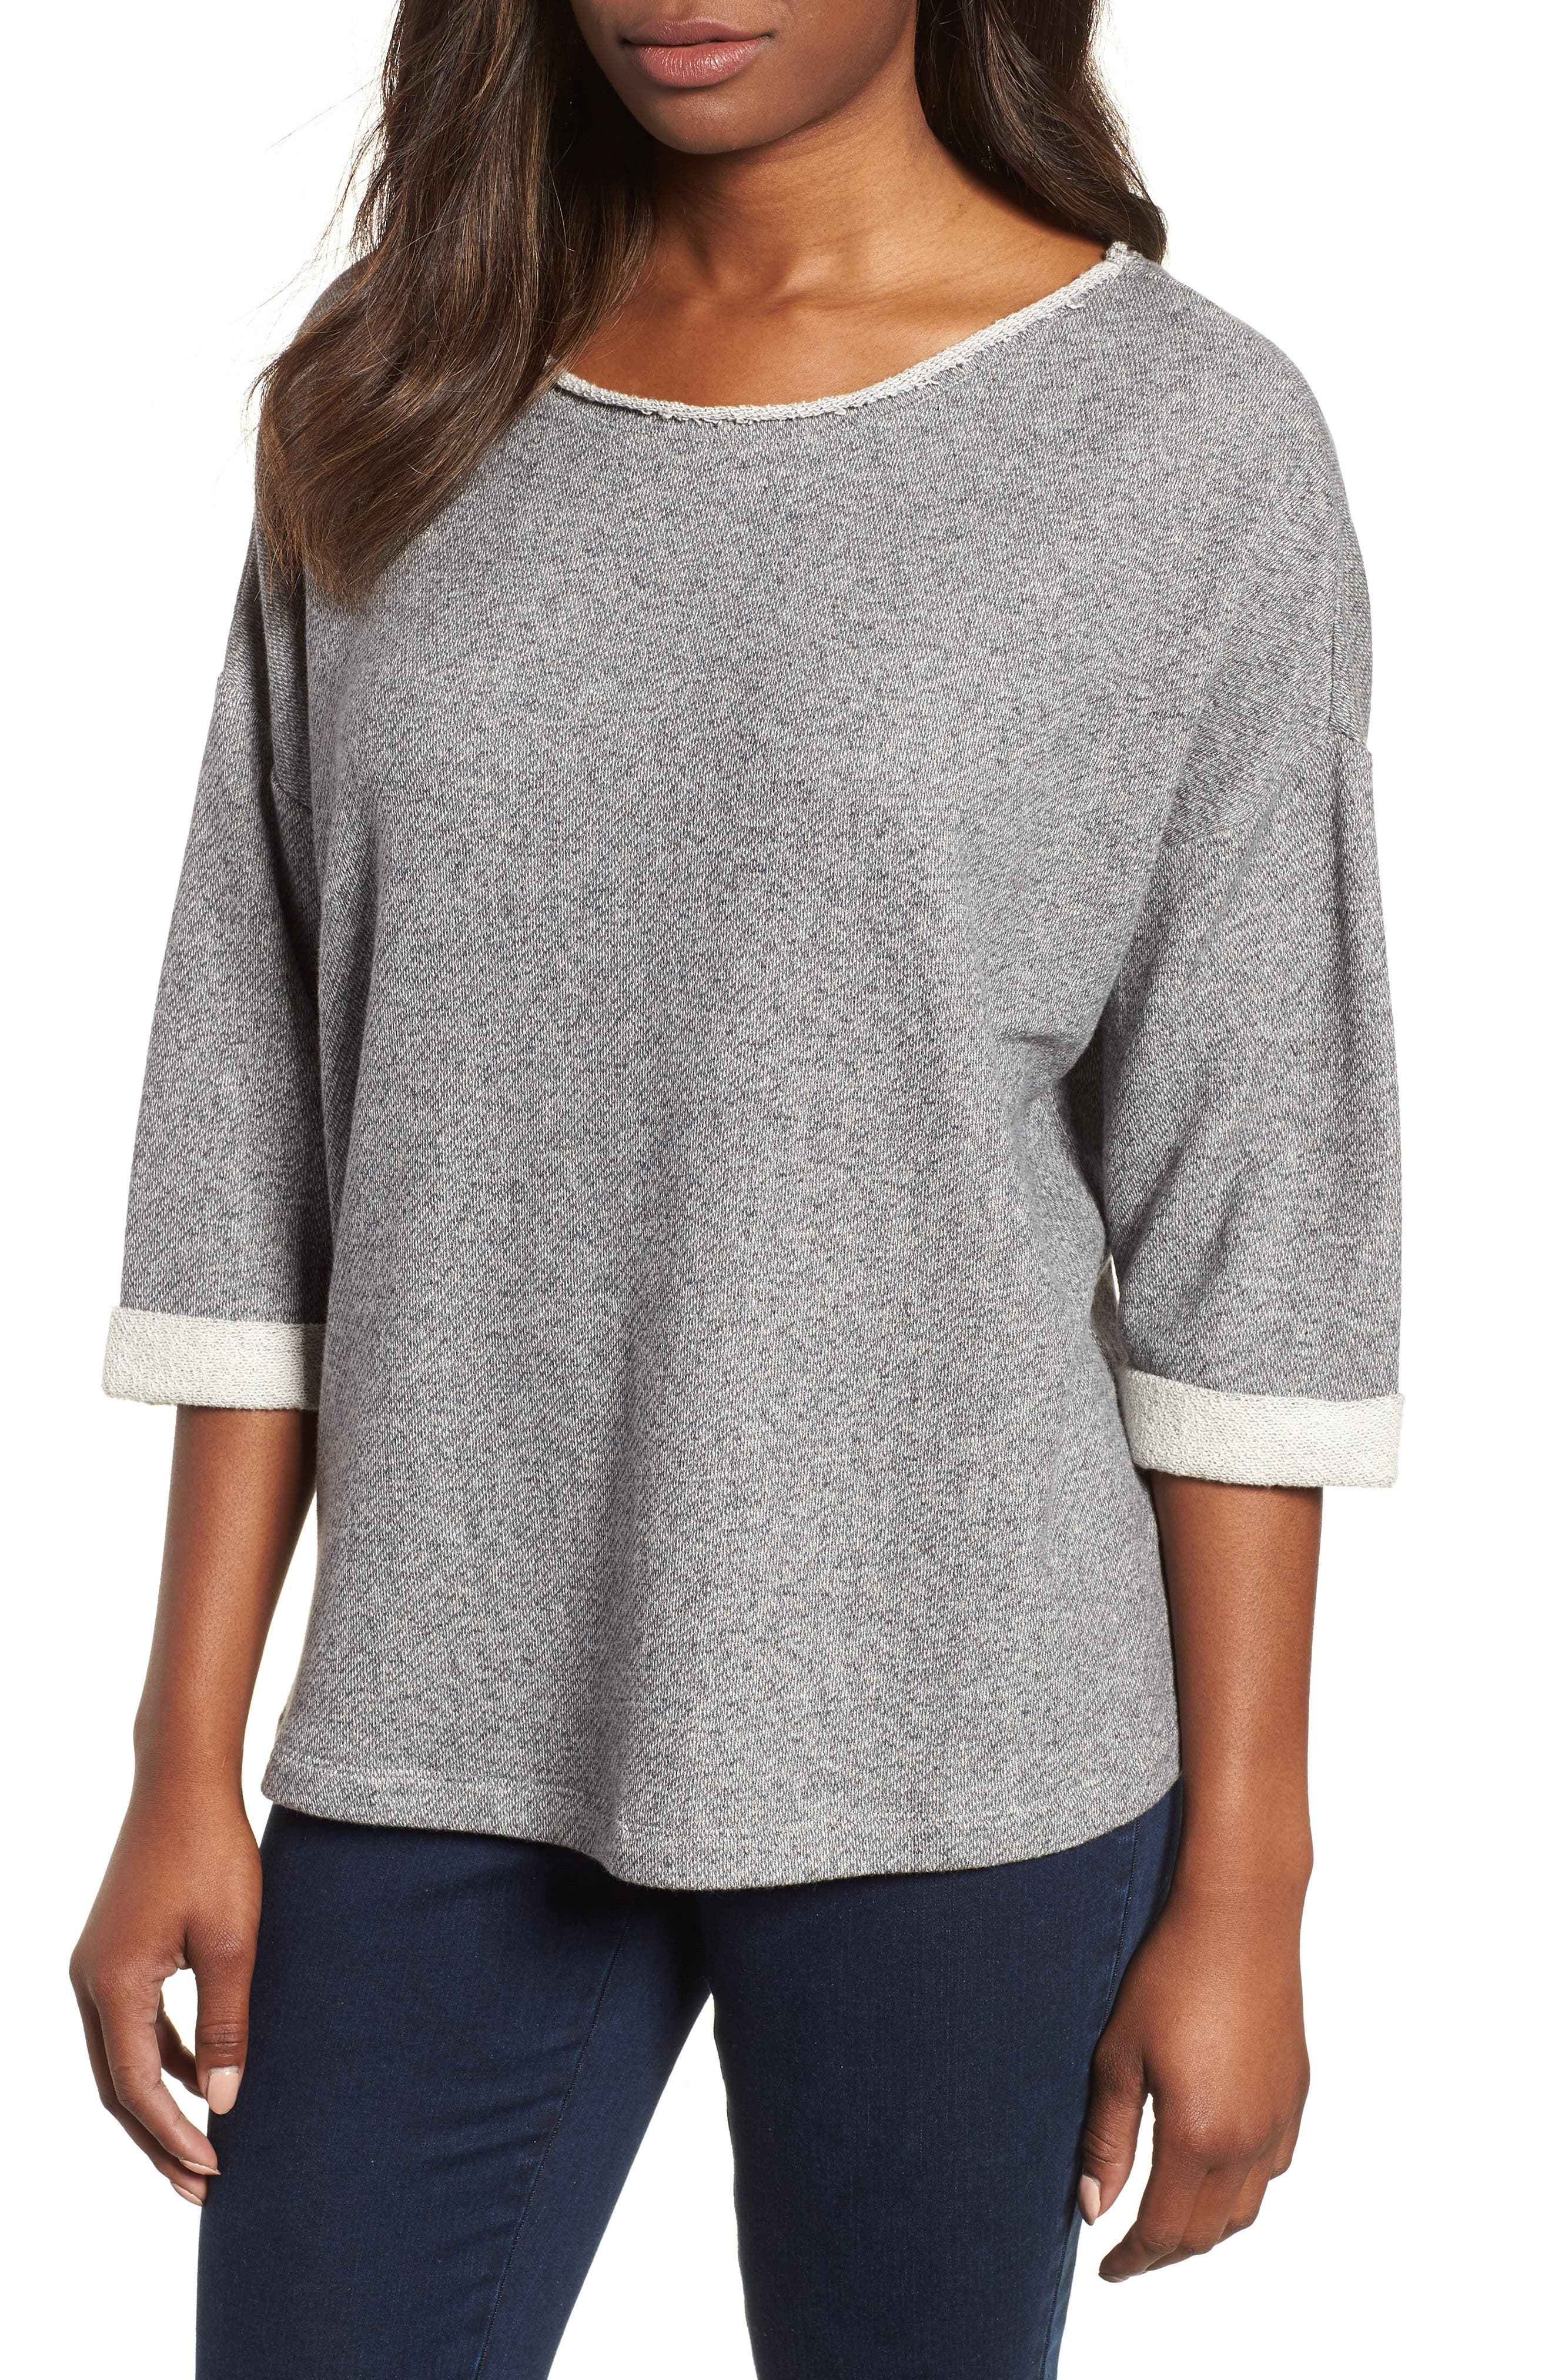 Nic+zoe T-shirts Essential Sweatshirt